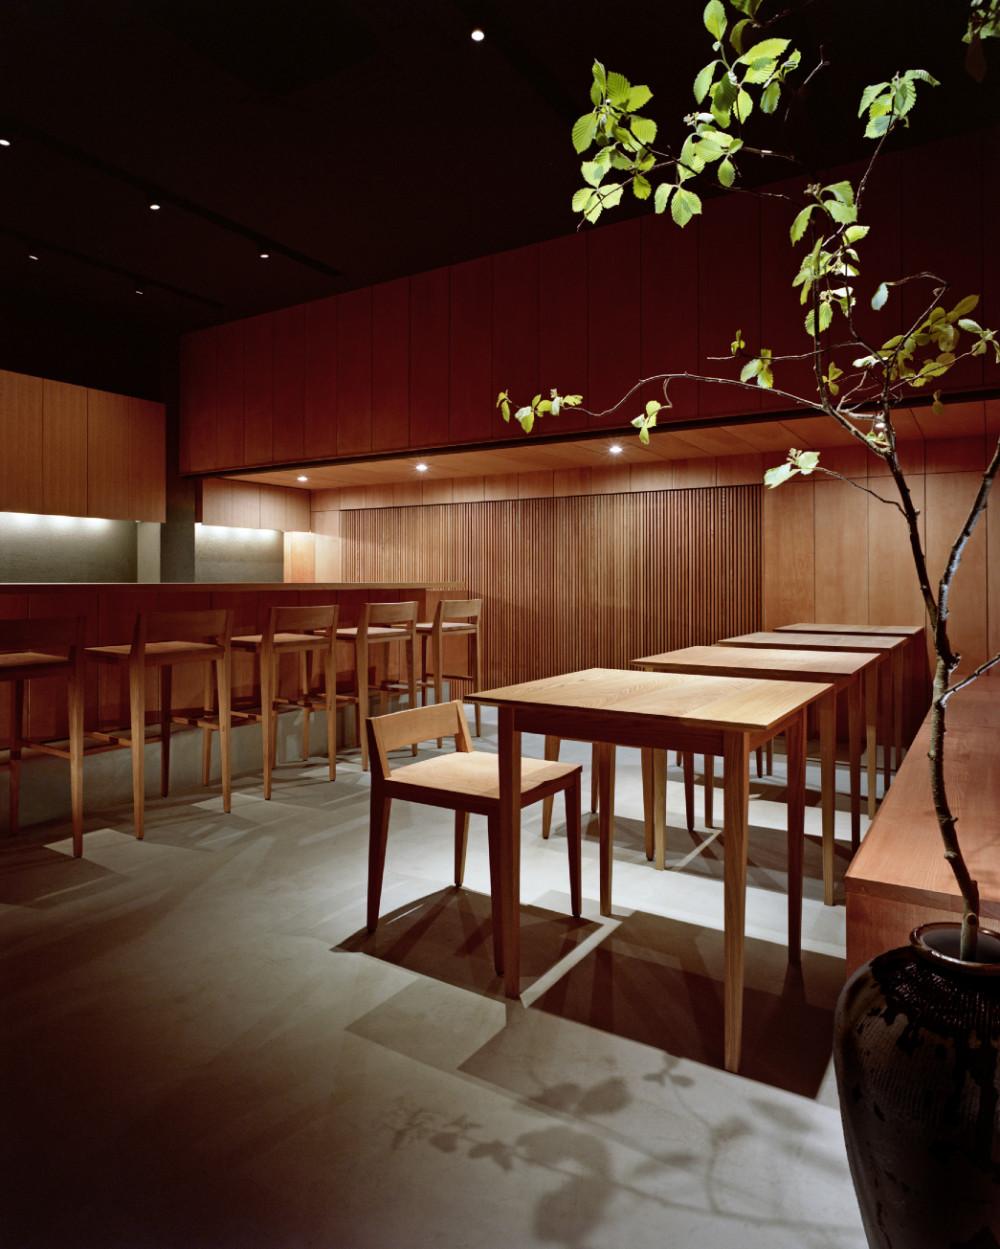 日本设计的餐饮,设计和灯光超级棒(一)_028.jpg